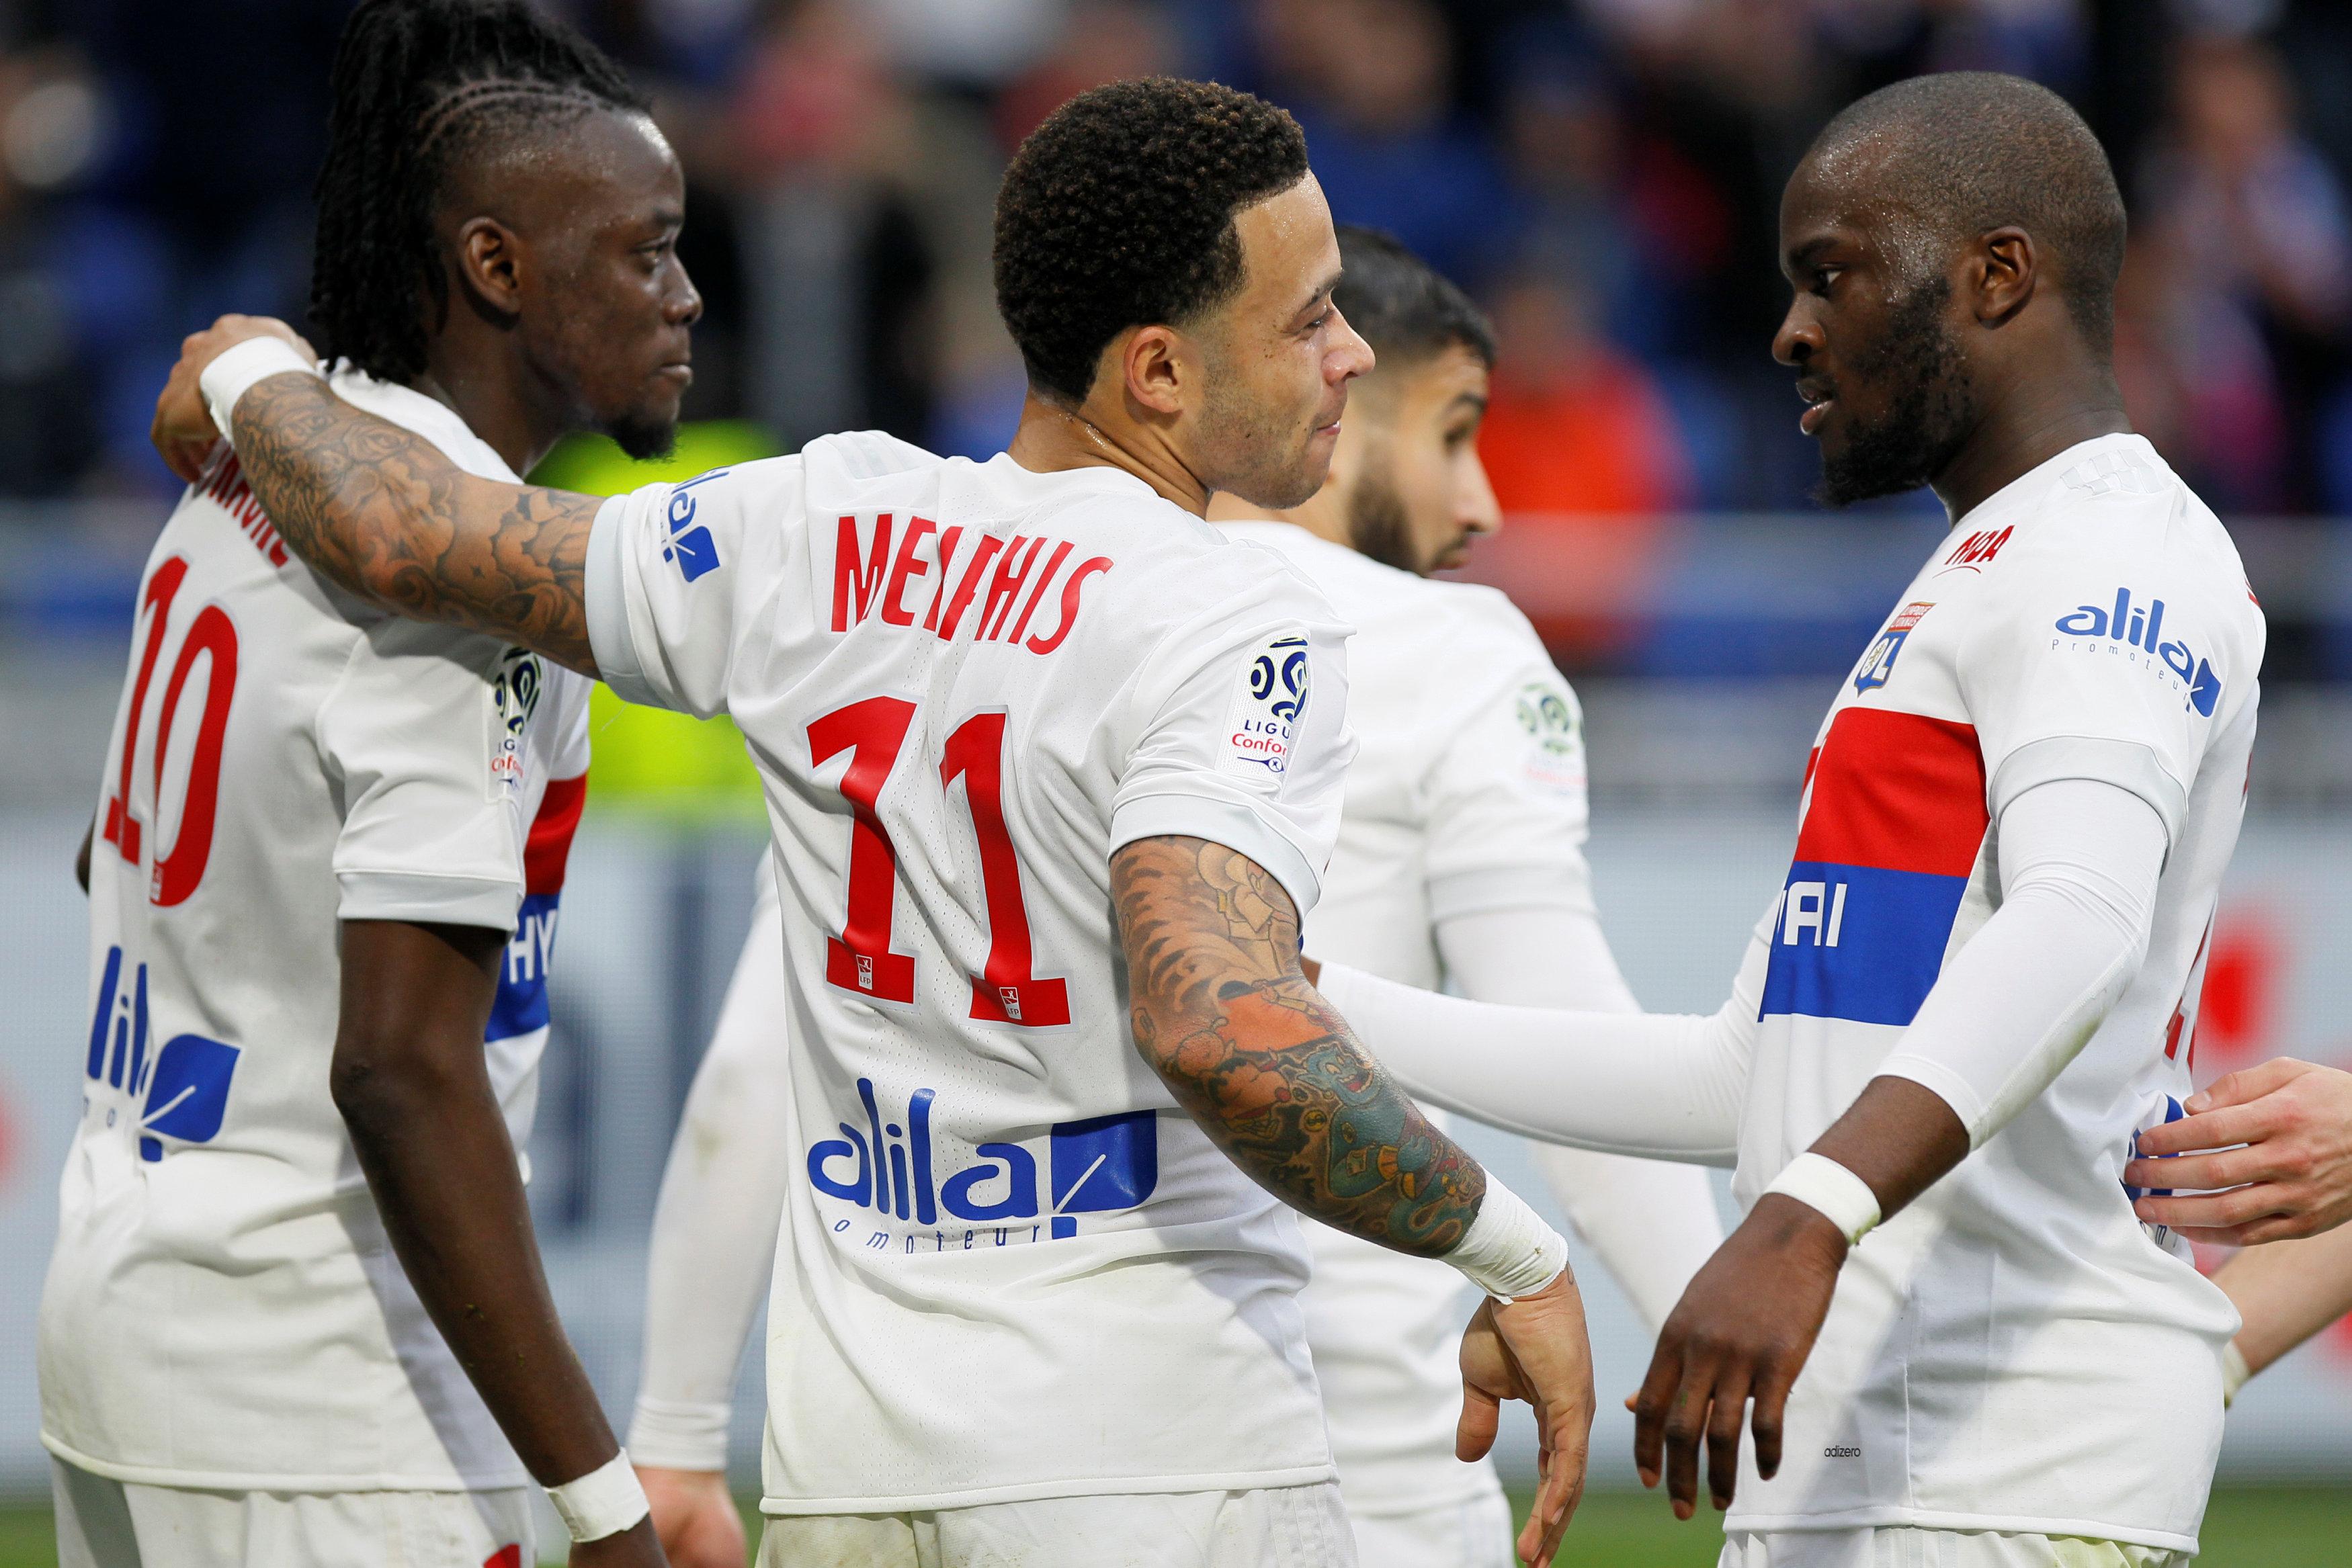 Niềm vui của các cầu thủ Lyon sau khi ghi bàn vào lưới Dijon. Ảnh: REUTERS